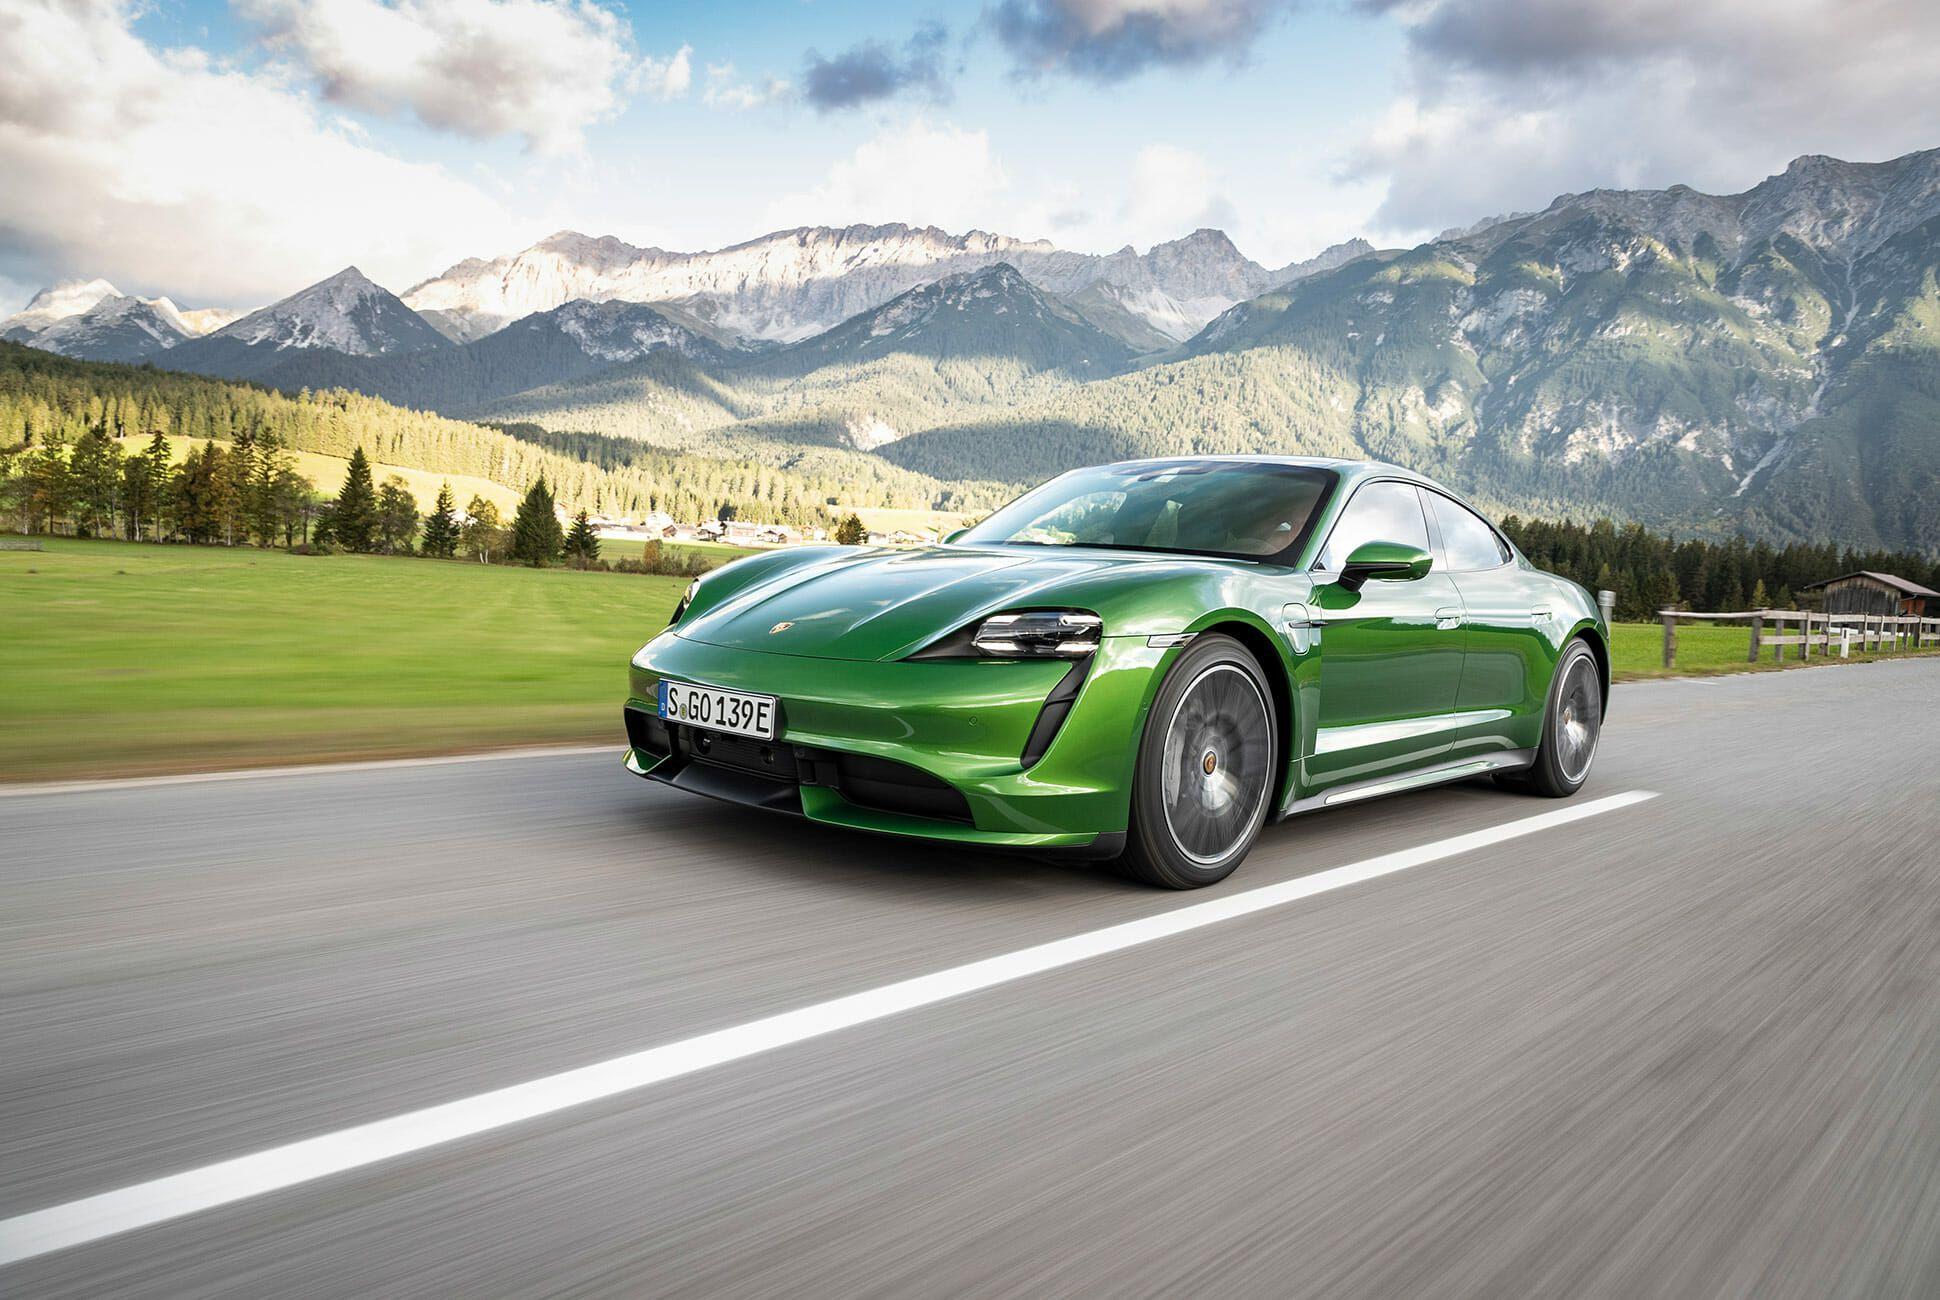 2020-Porsche-Taycan-Turbo-S-gear-patrol-lead-slide-1